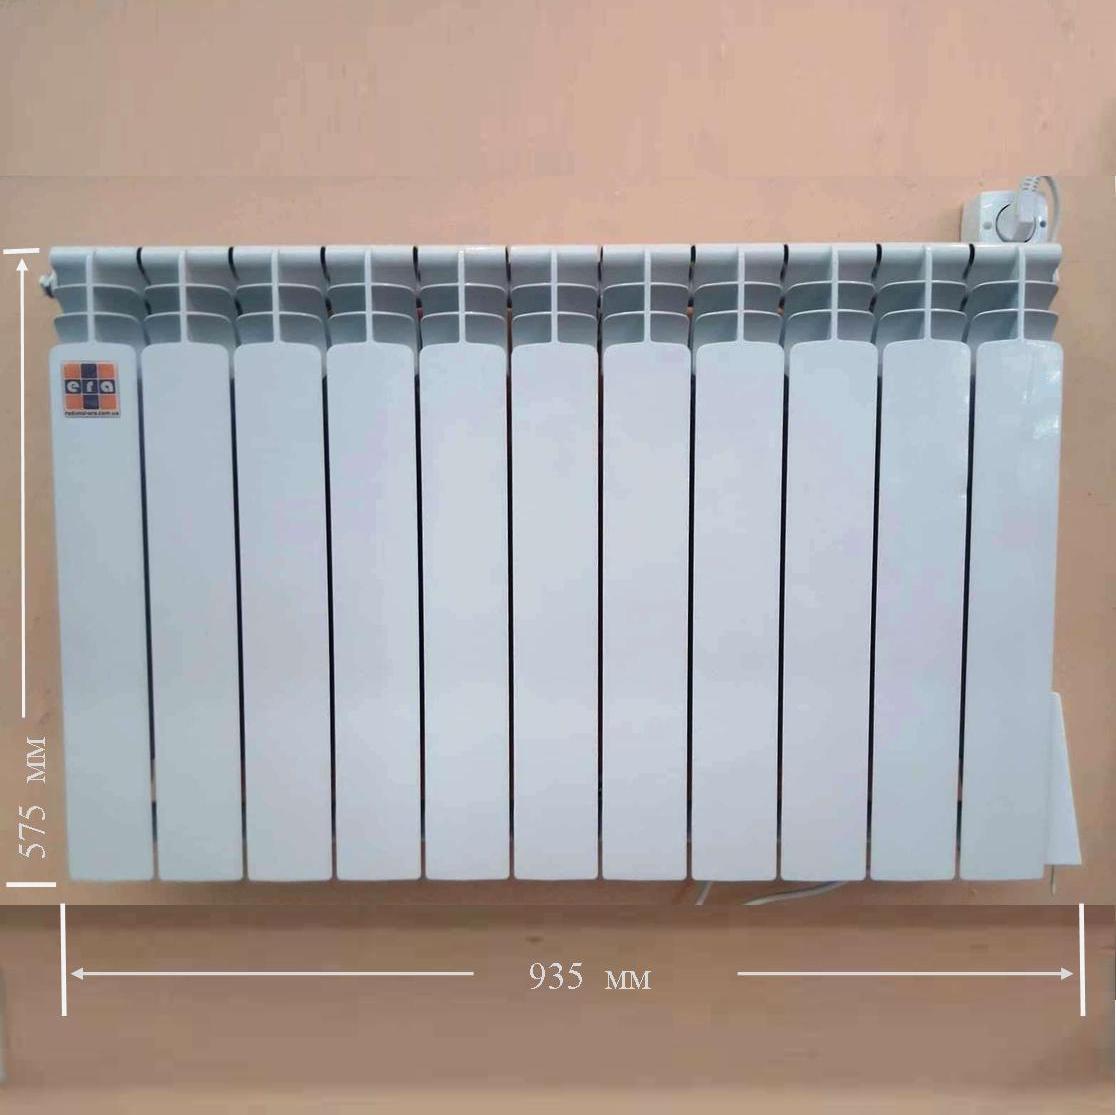 Электрорадиатор для комнаты 19 метров квадратных с термоконтроллером ЭРА в Киеве